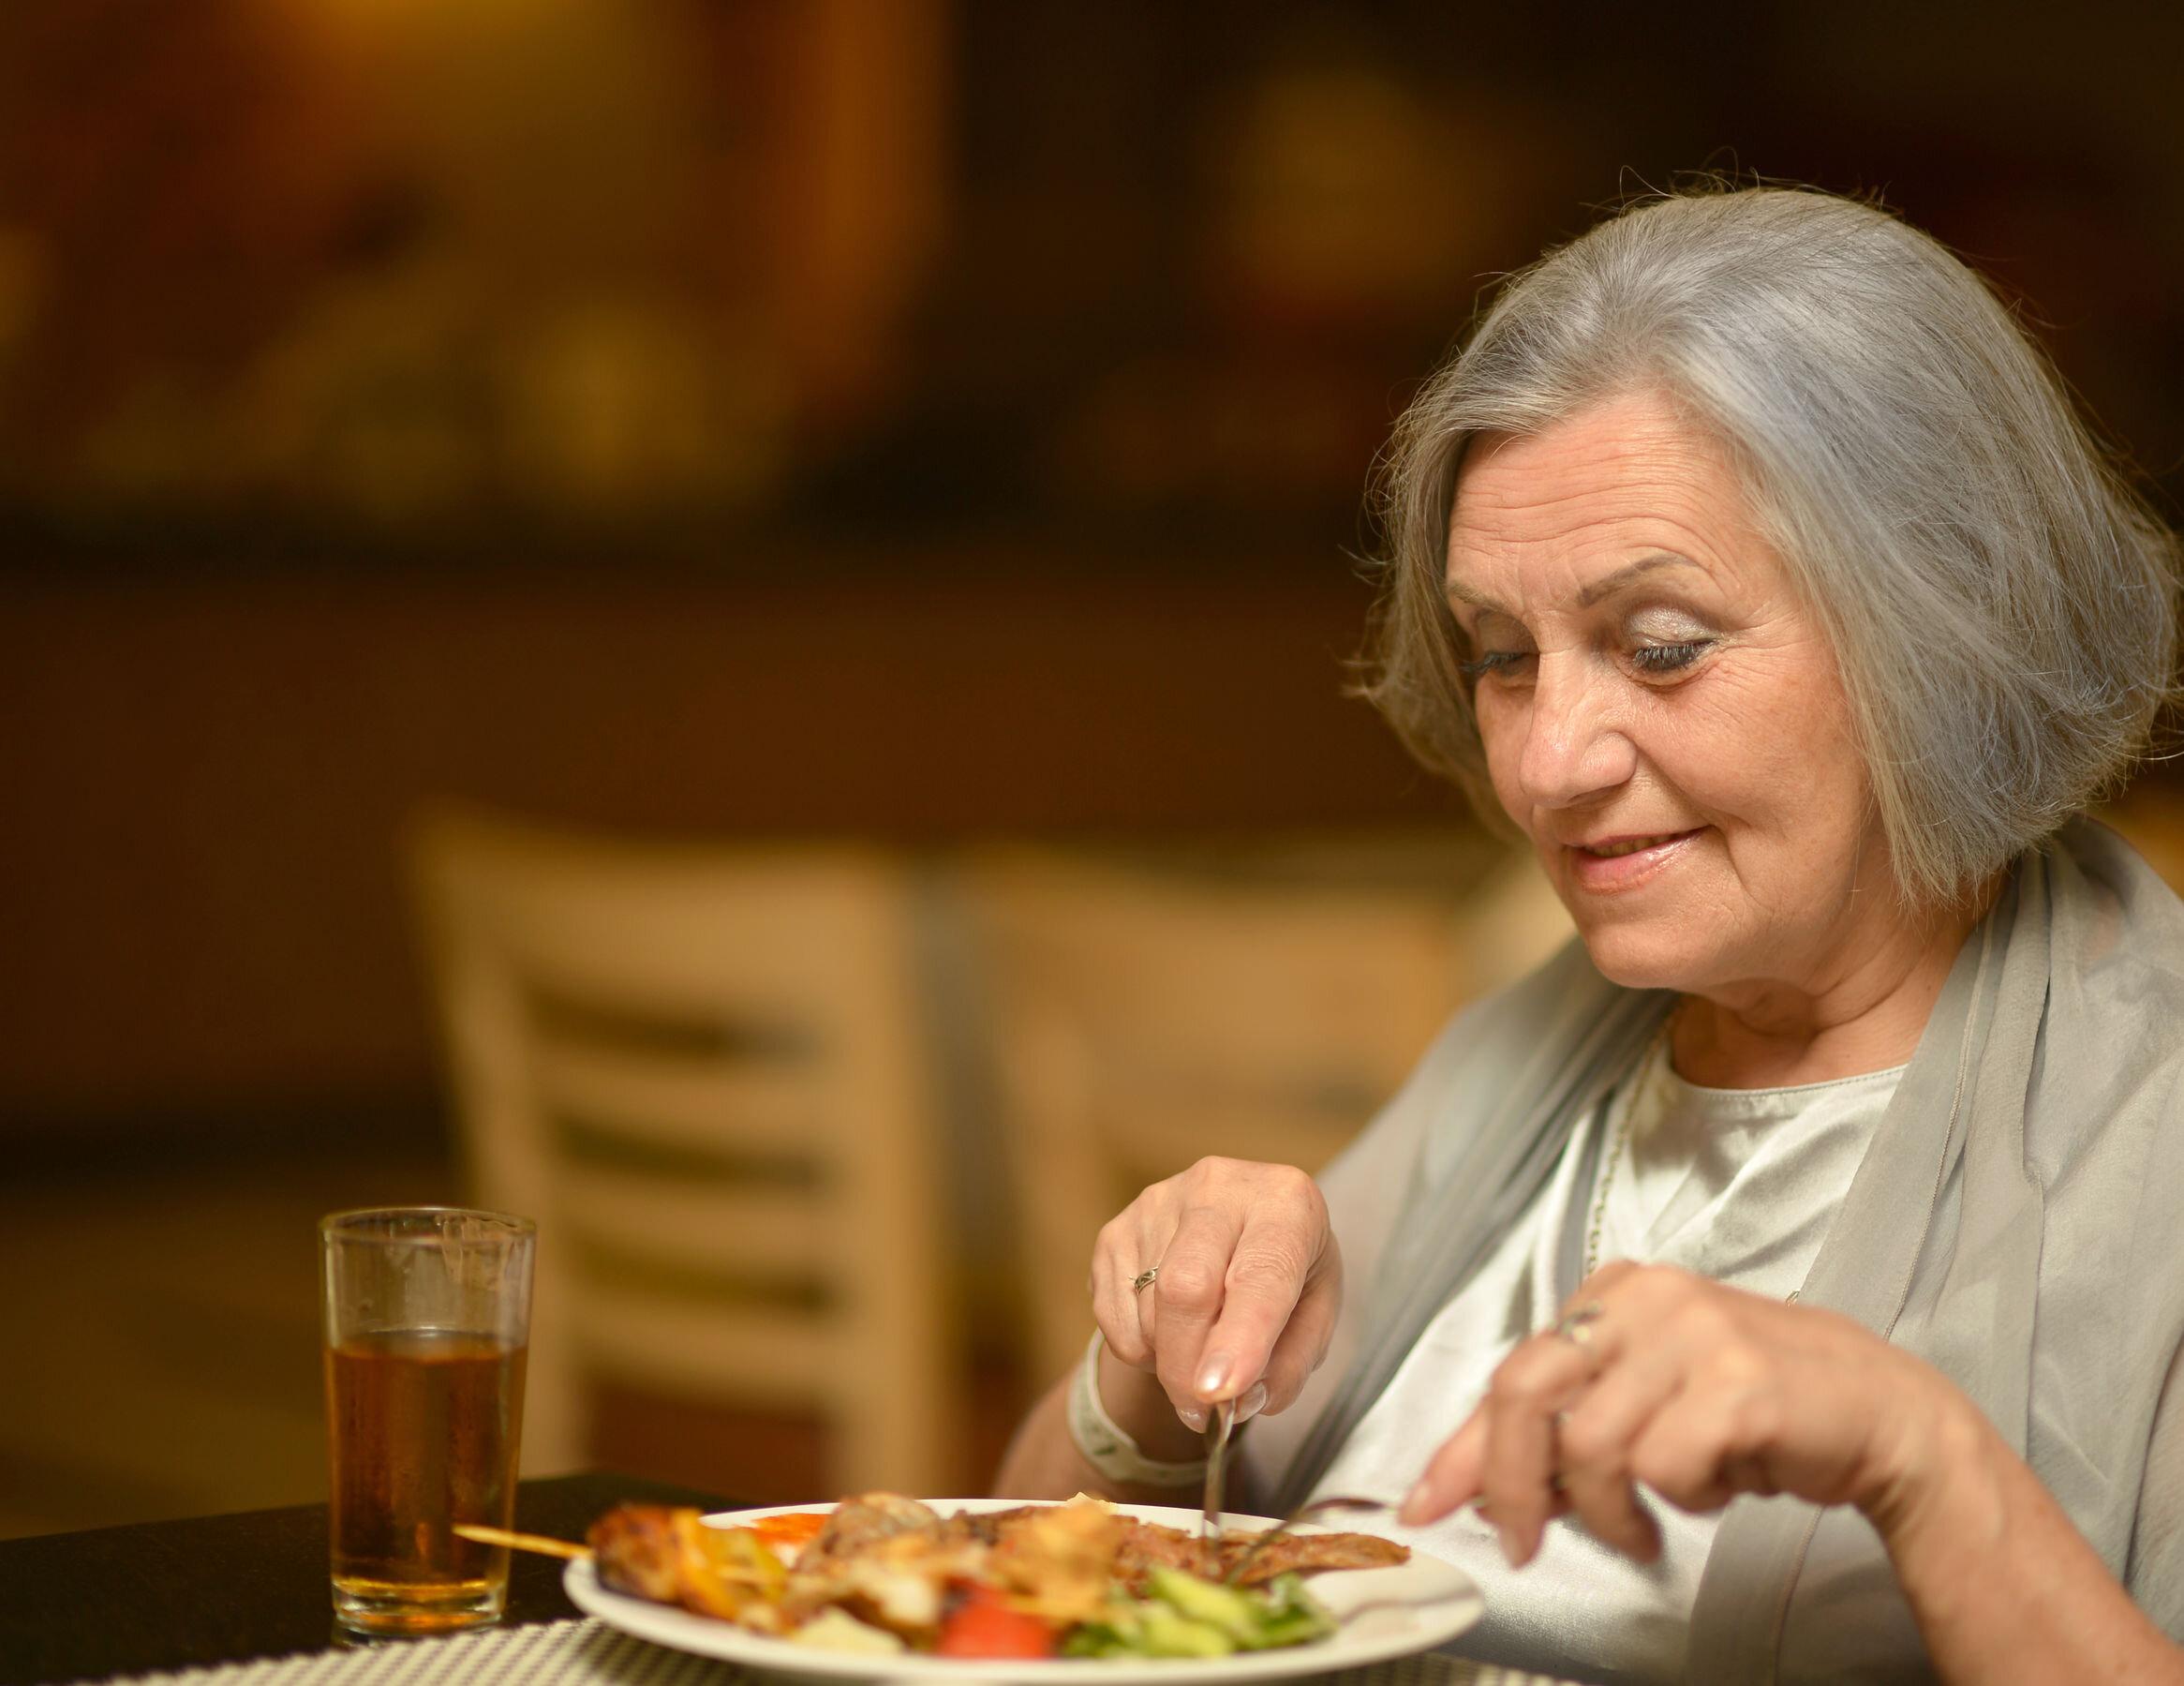 eating-tips-for-seniors.jpg